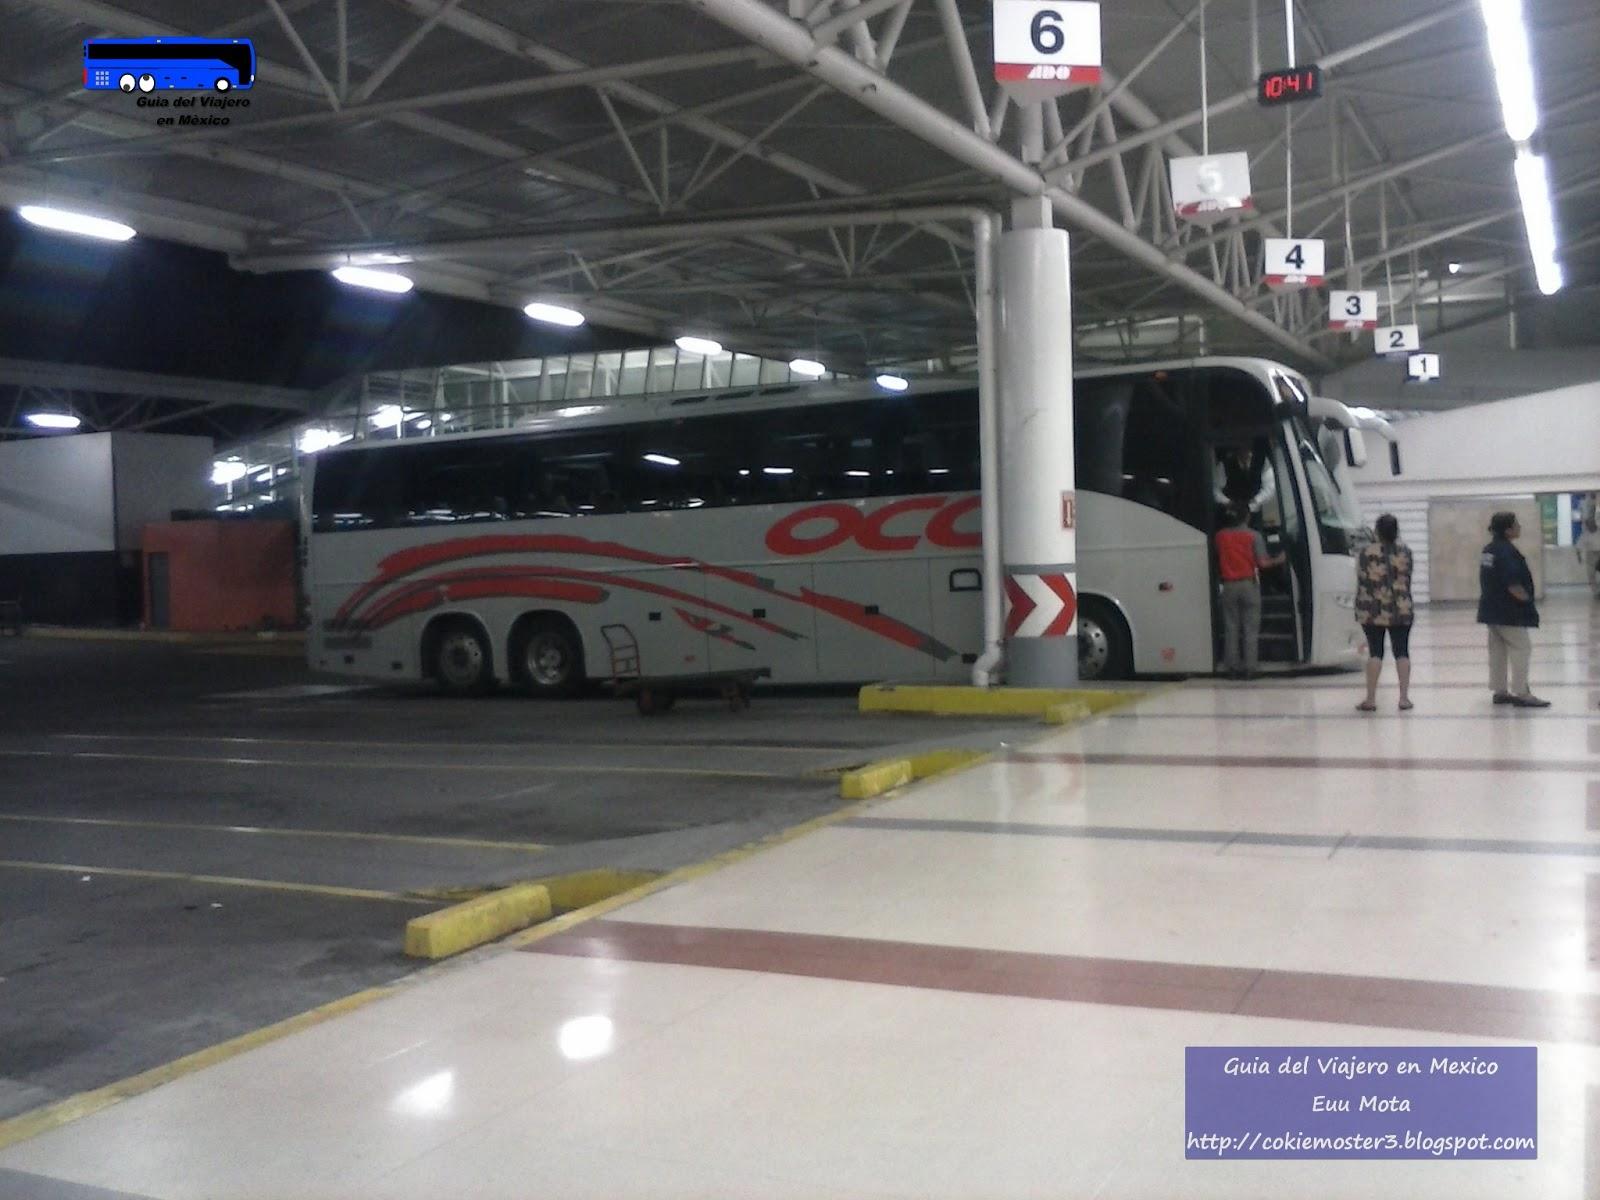 Ado Piso Wifi Wiring Diagram For Light And Switch Guía Del Viajero En México Central De Autobuses